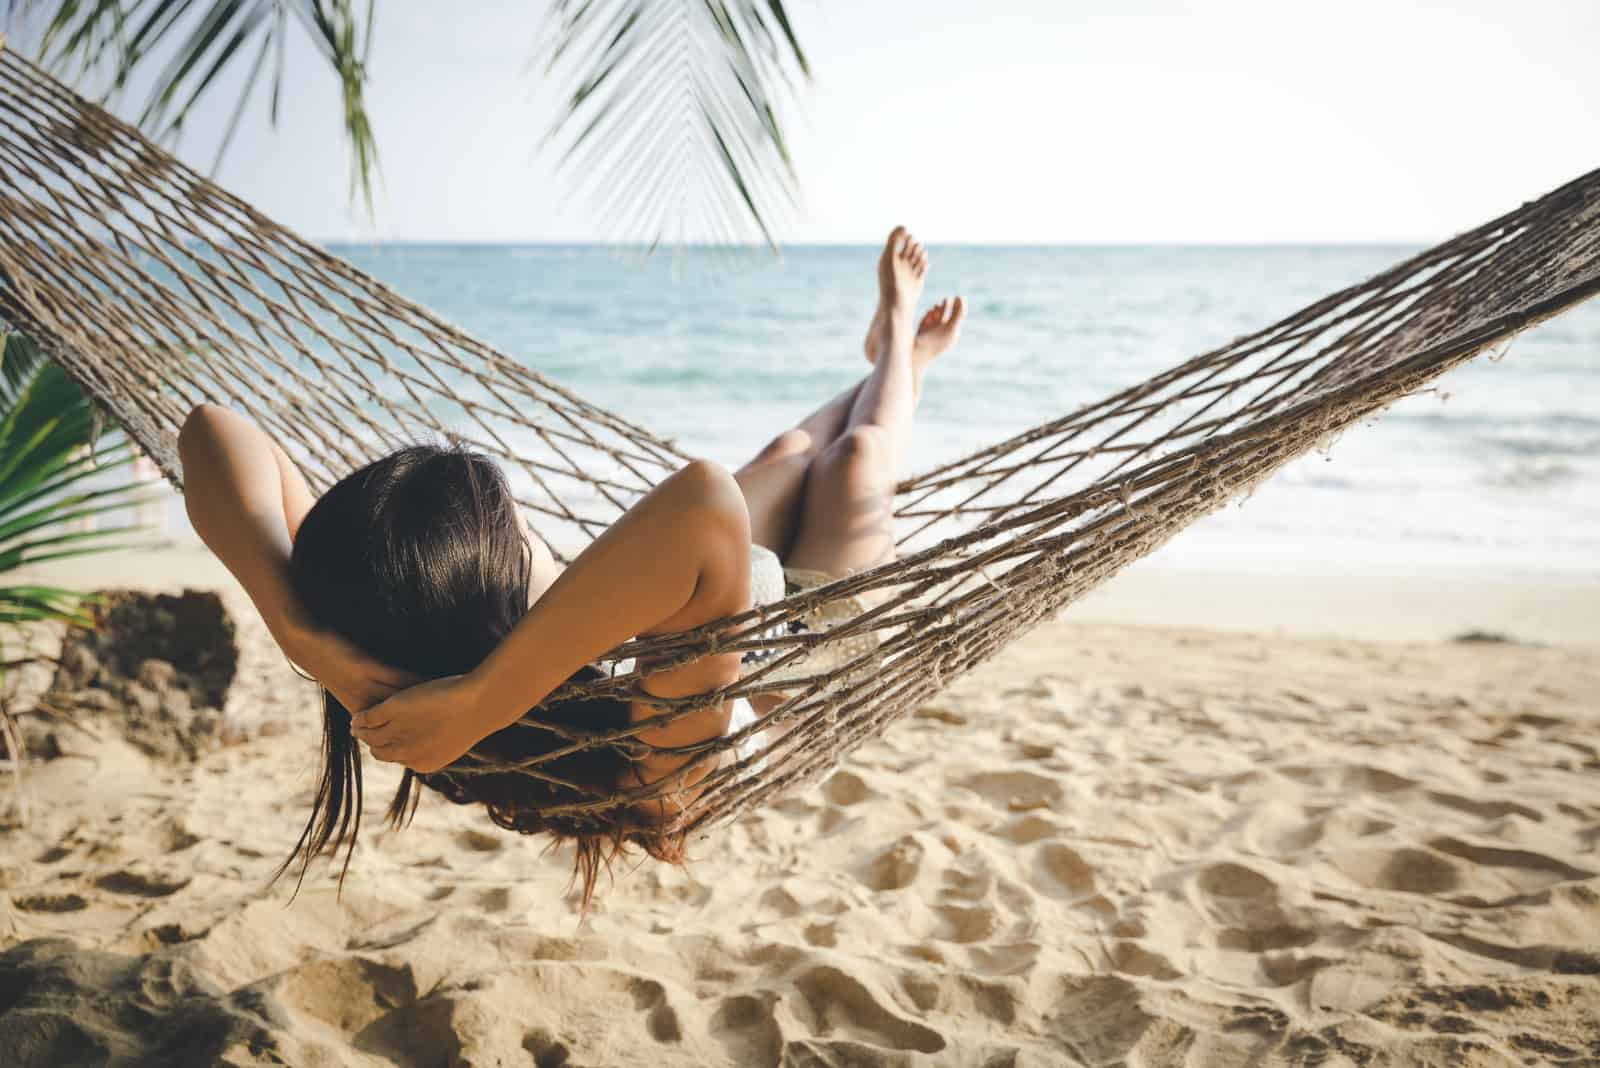 la femme jouit de la vue sur la mer alors qu'elle se trouve dans la chaise longue